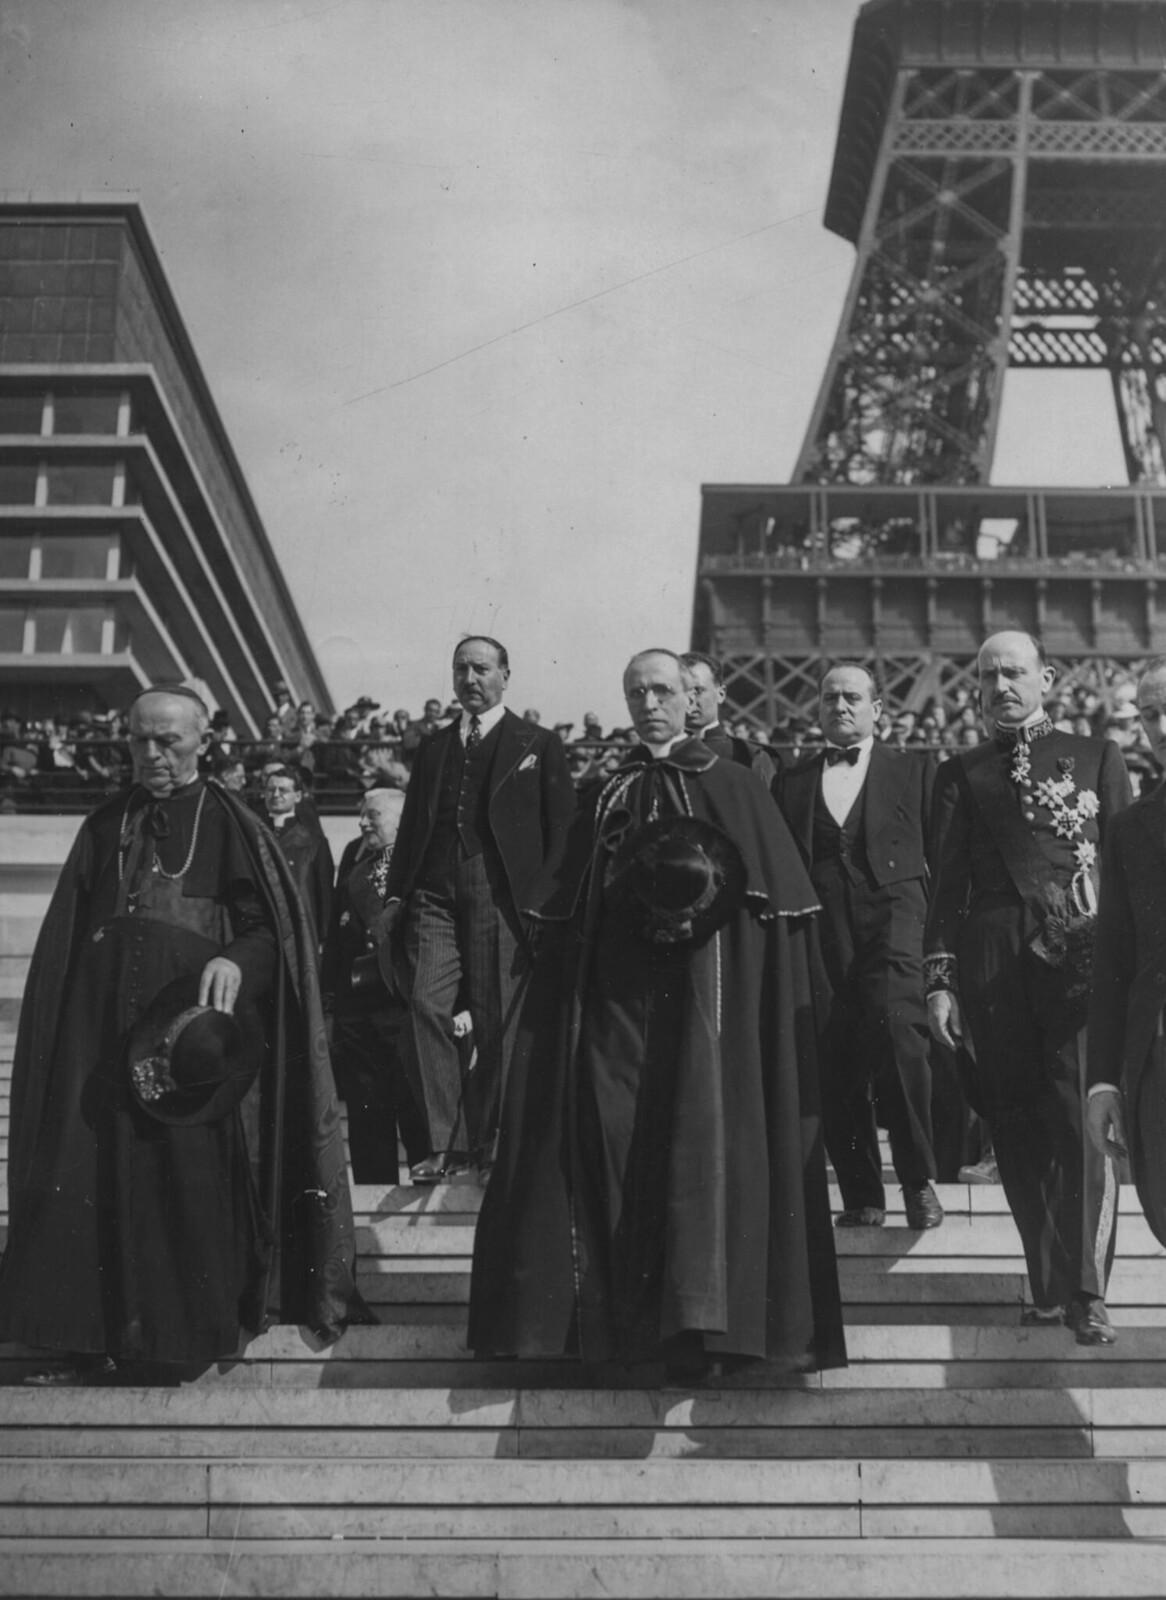 14. 1937. Кардинал Пачелли до своего избрания Папой Пием XII и кардинал Вердье на снимке у Эйфелевой башни с группой официальных лиц